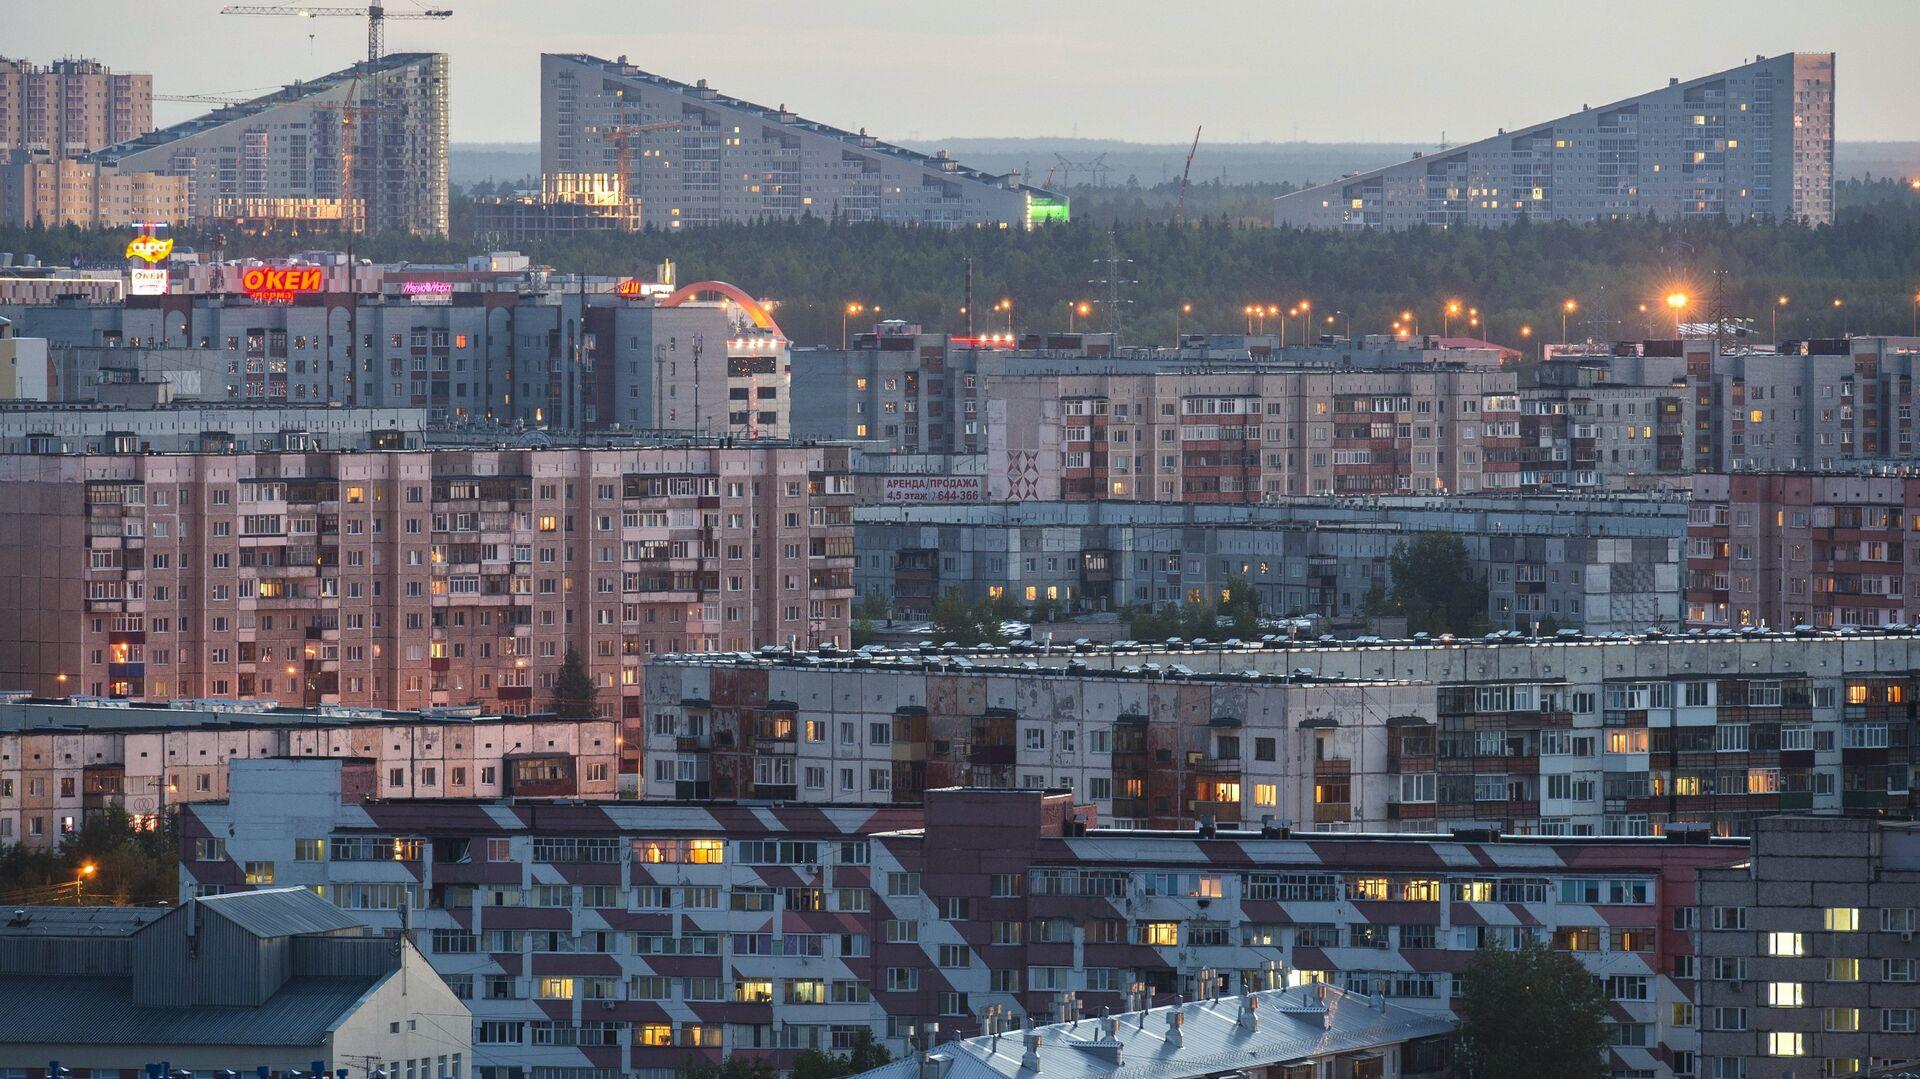 Города России. Сургут - РИА Новости, 1920, 24.02.2021